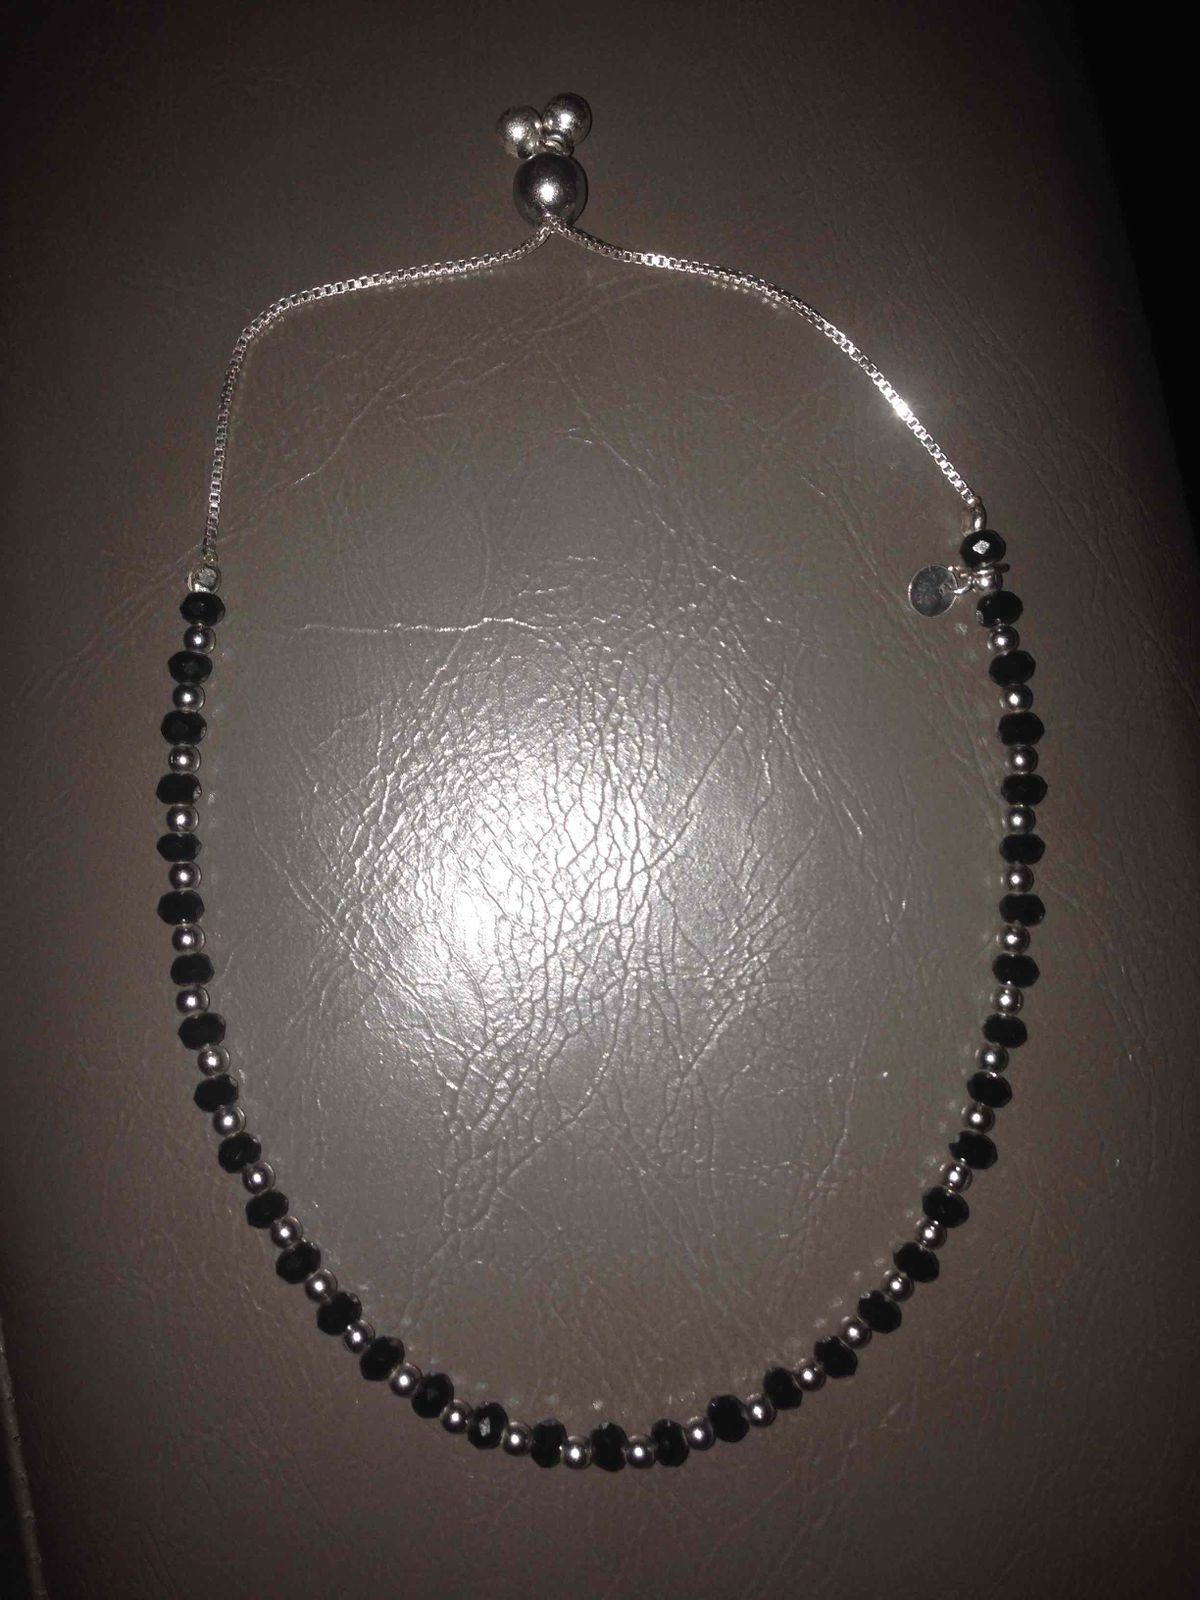 Серебряный браслет с черными бусинами из алпанита